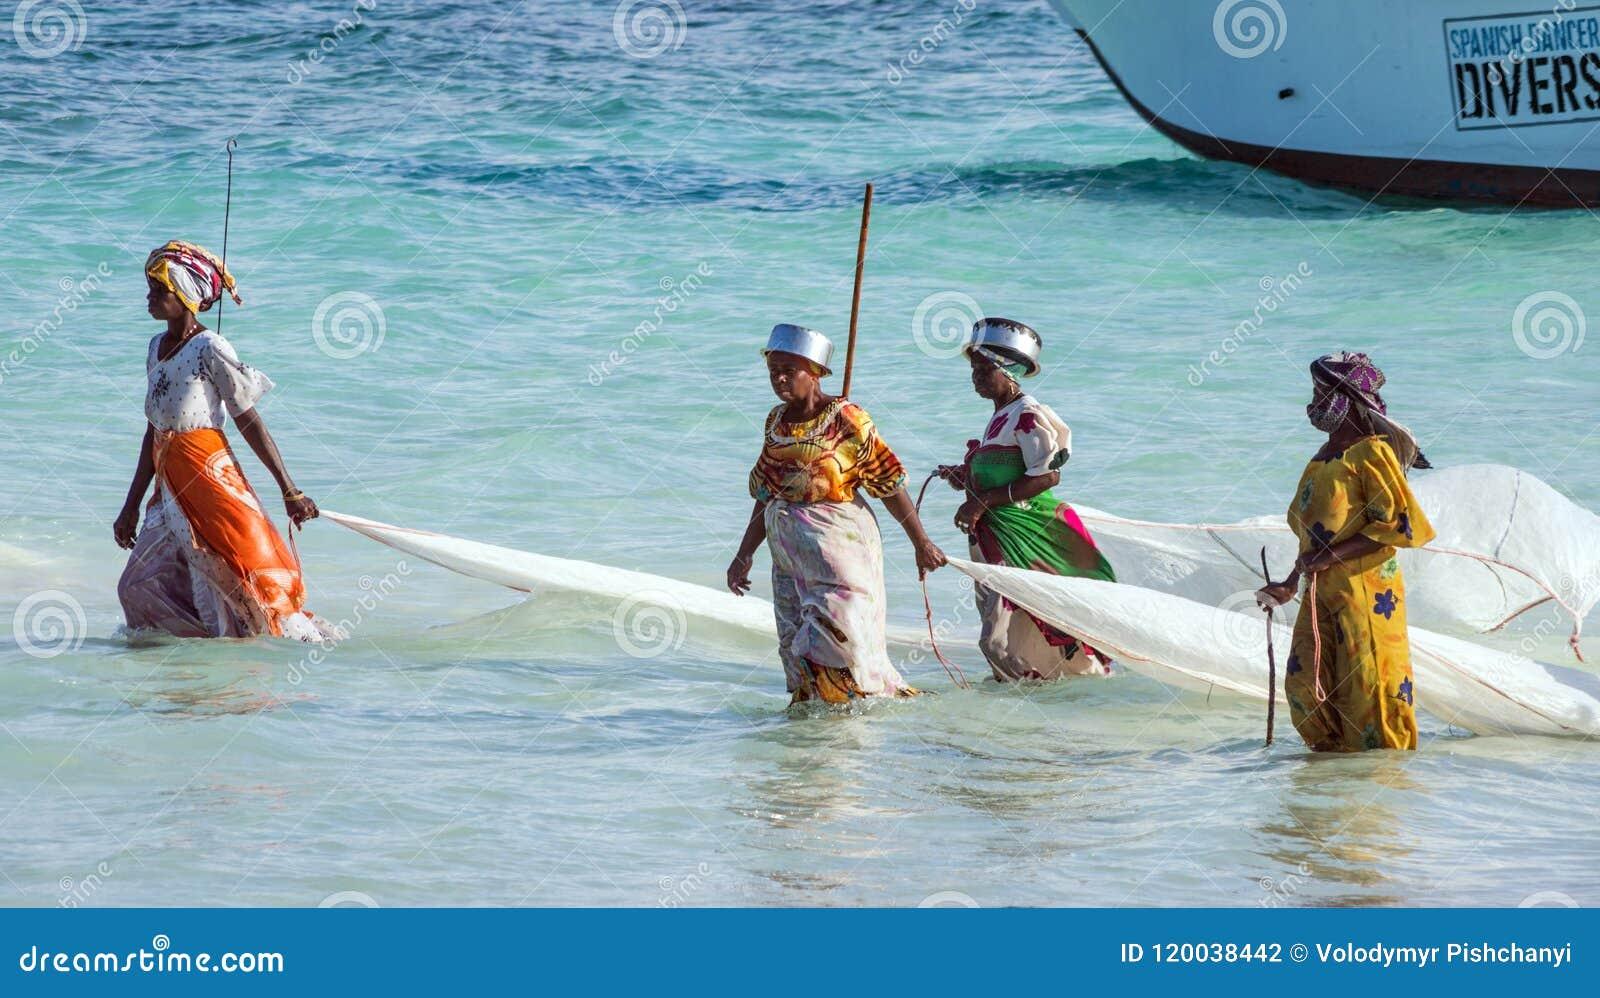 Nungwi, Zanzibar, Tanzania, Africa orientale - 23 giugno 2017: Donne africane da un paesino di pescatori per prendere le piccole